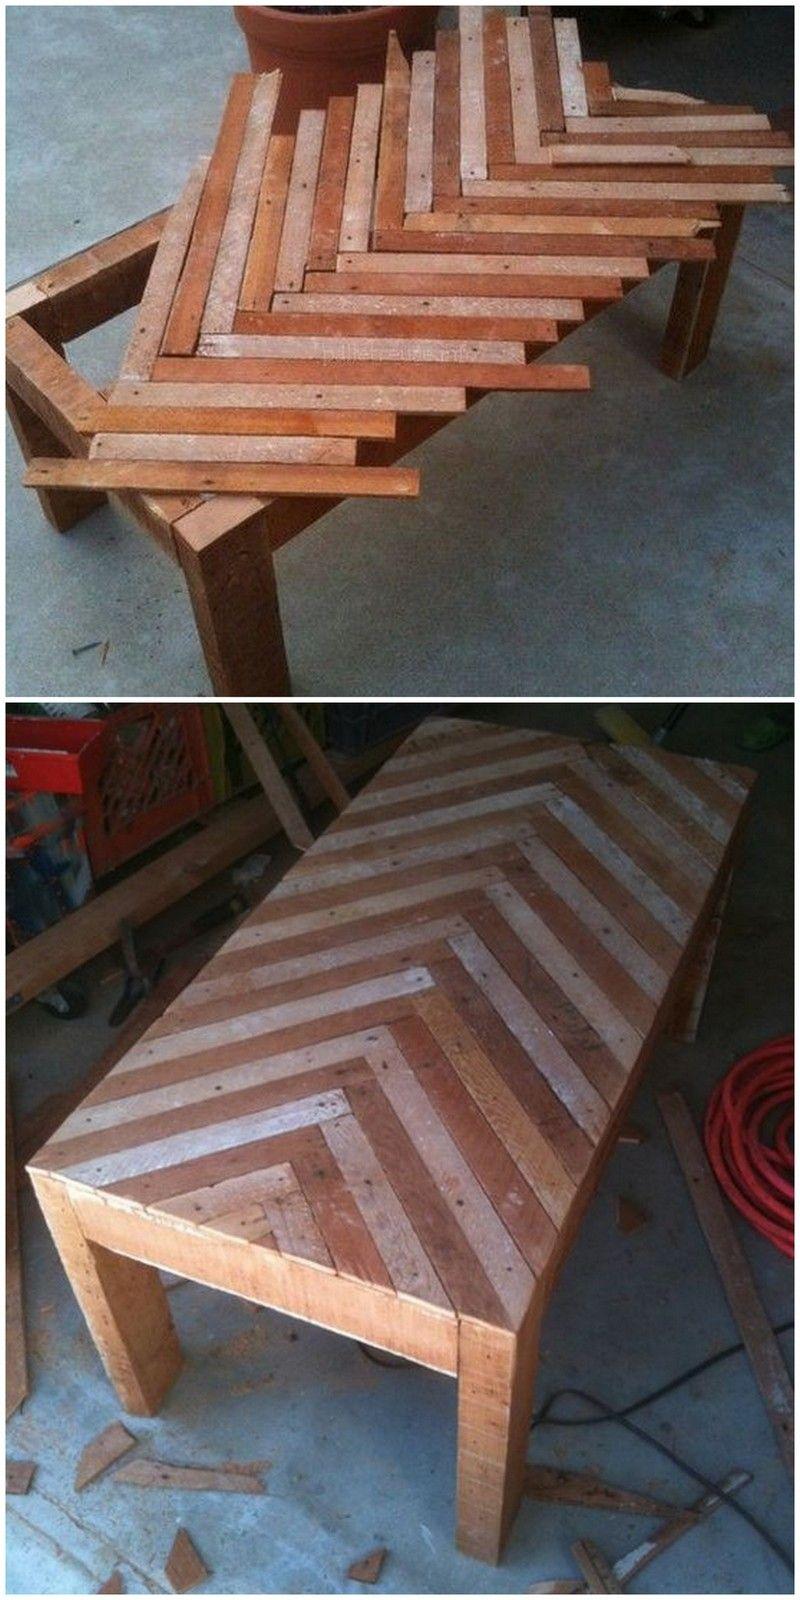 35 Unique Diy Pallet Furniture Project Ideas Kursi Kayu Palet Perabot Kayu Palet Proyek Kayu